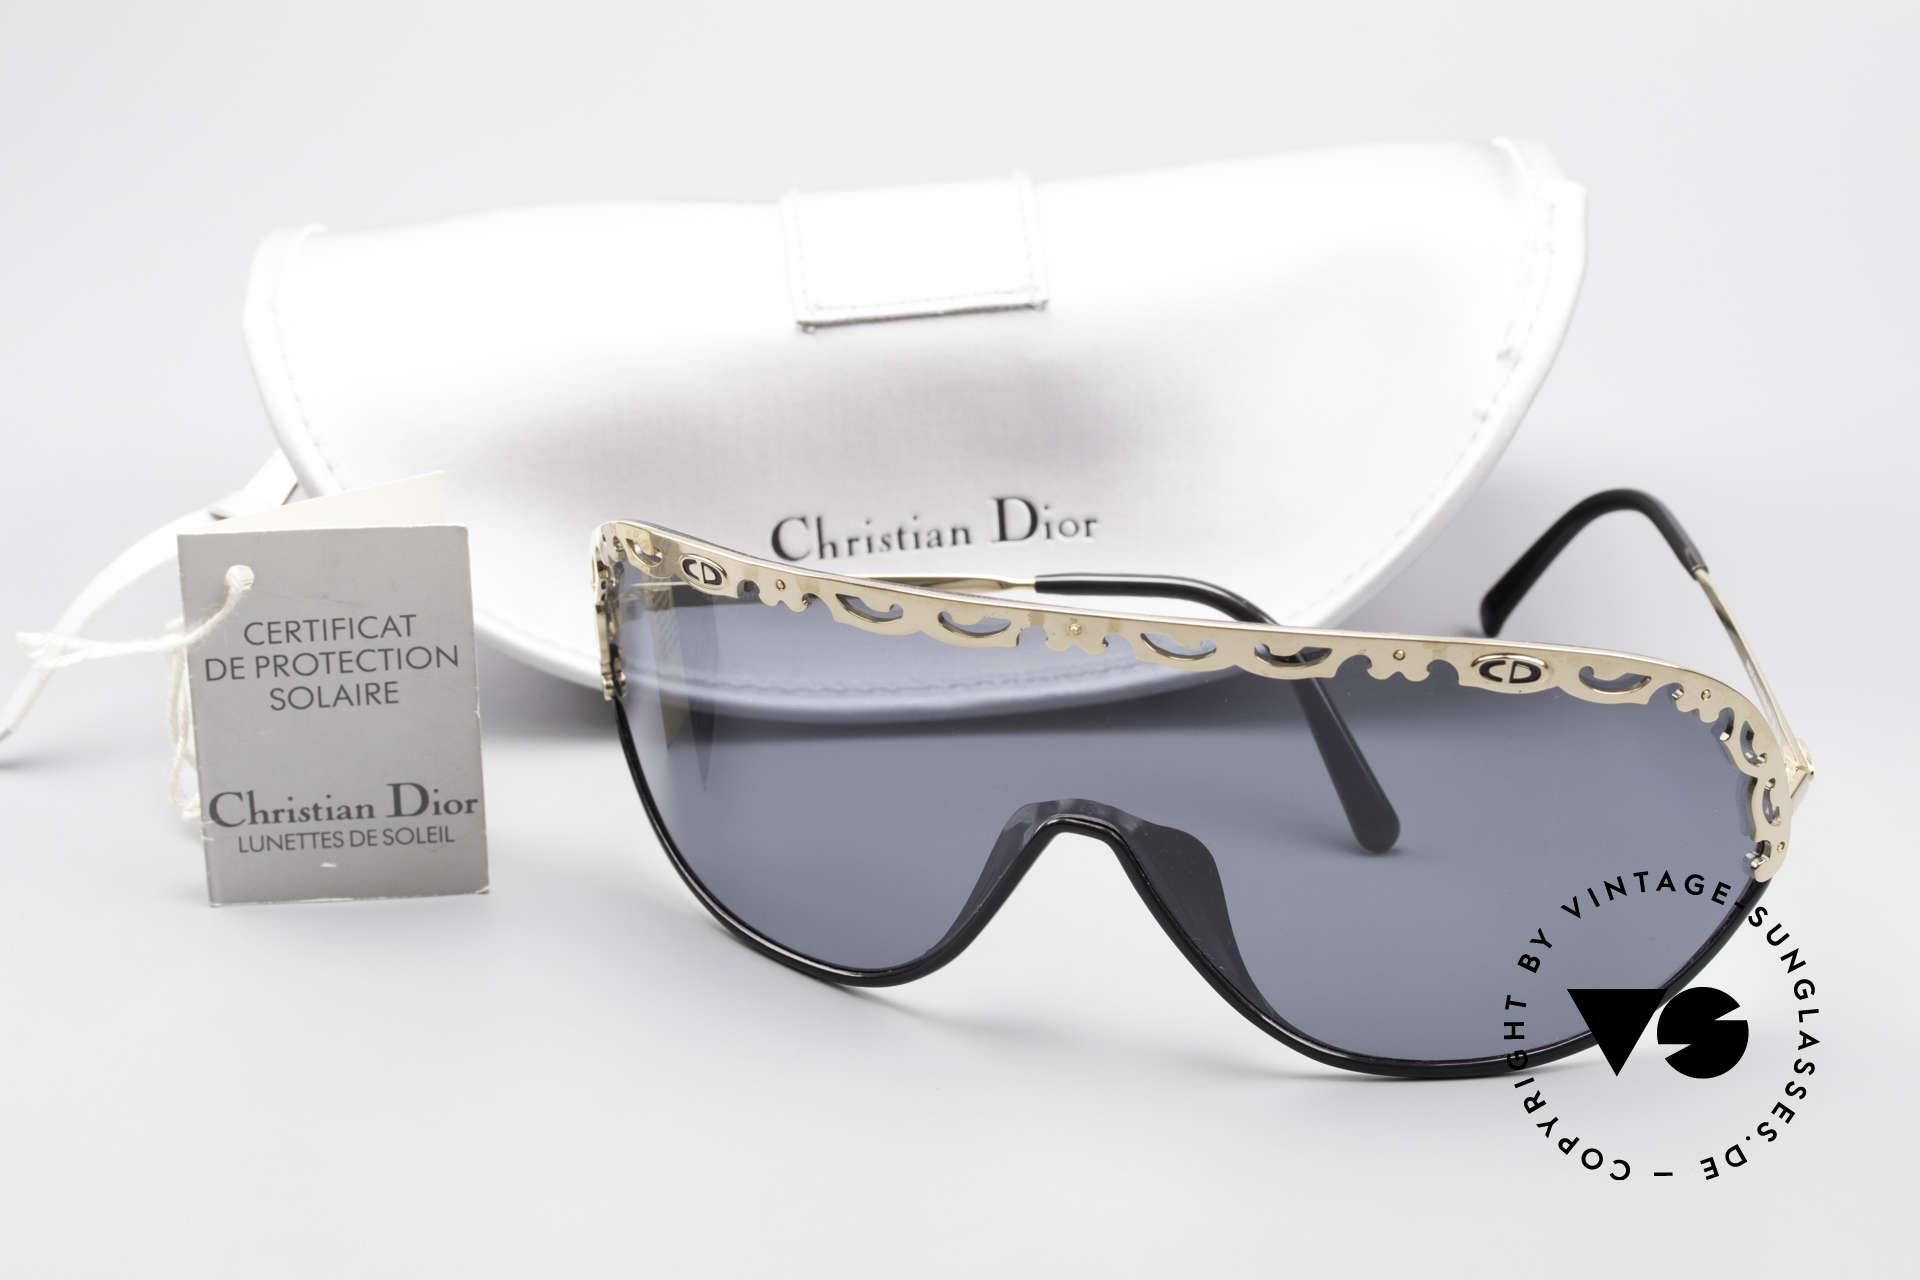 Christian Dior 2501 Rare 80's Sunglasses Polarized, NO RETRO sunglasses, but a unique old original by Dior, Made for Women